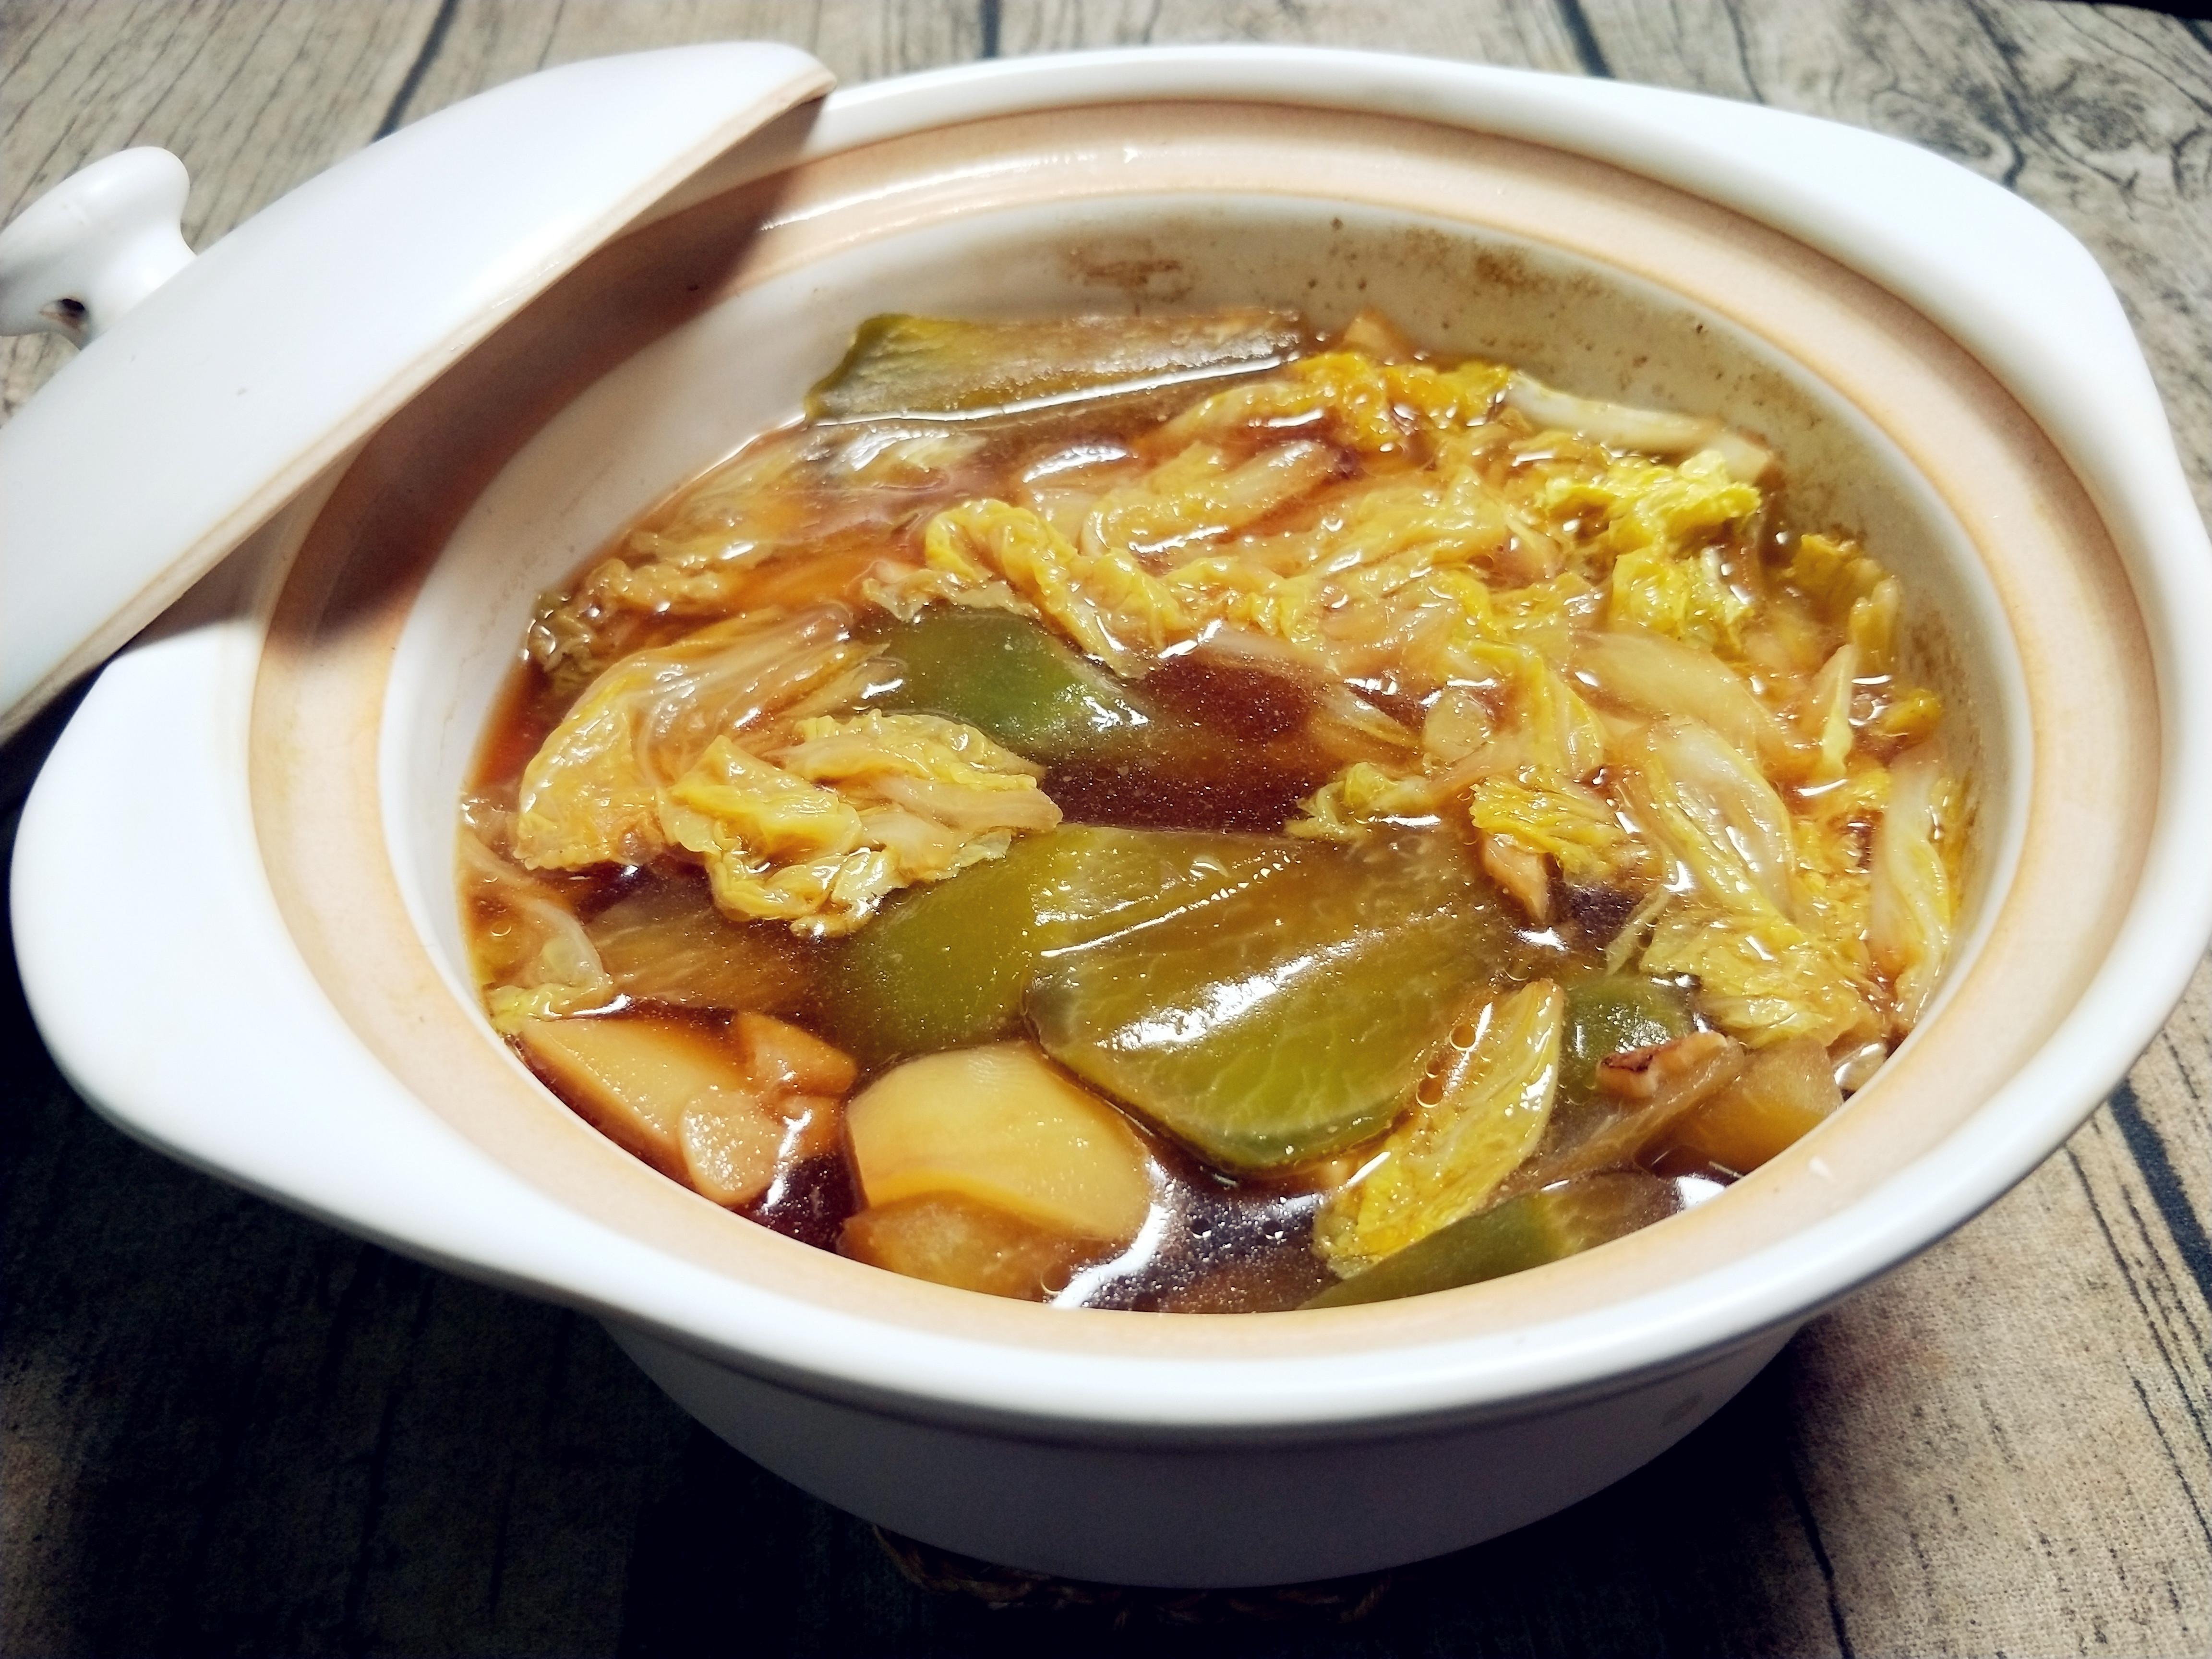 原創白菜和它是絕配!10分鐘燒一鍋,營養翻倍香濃美味,連湯汁都不剩!